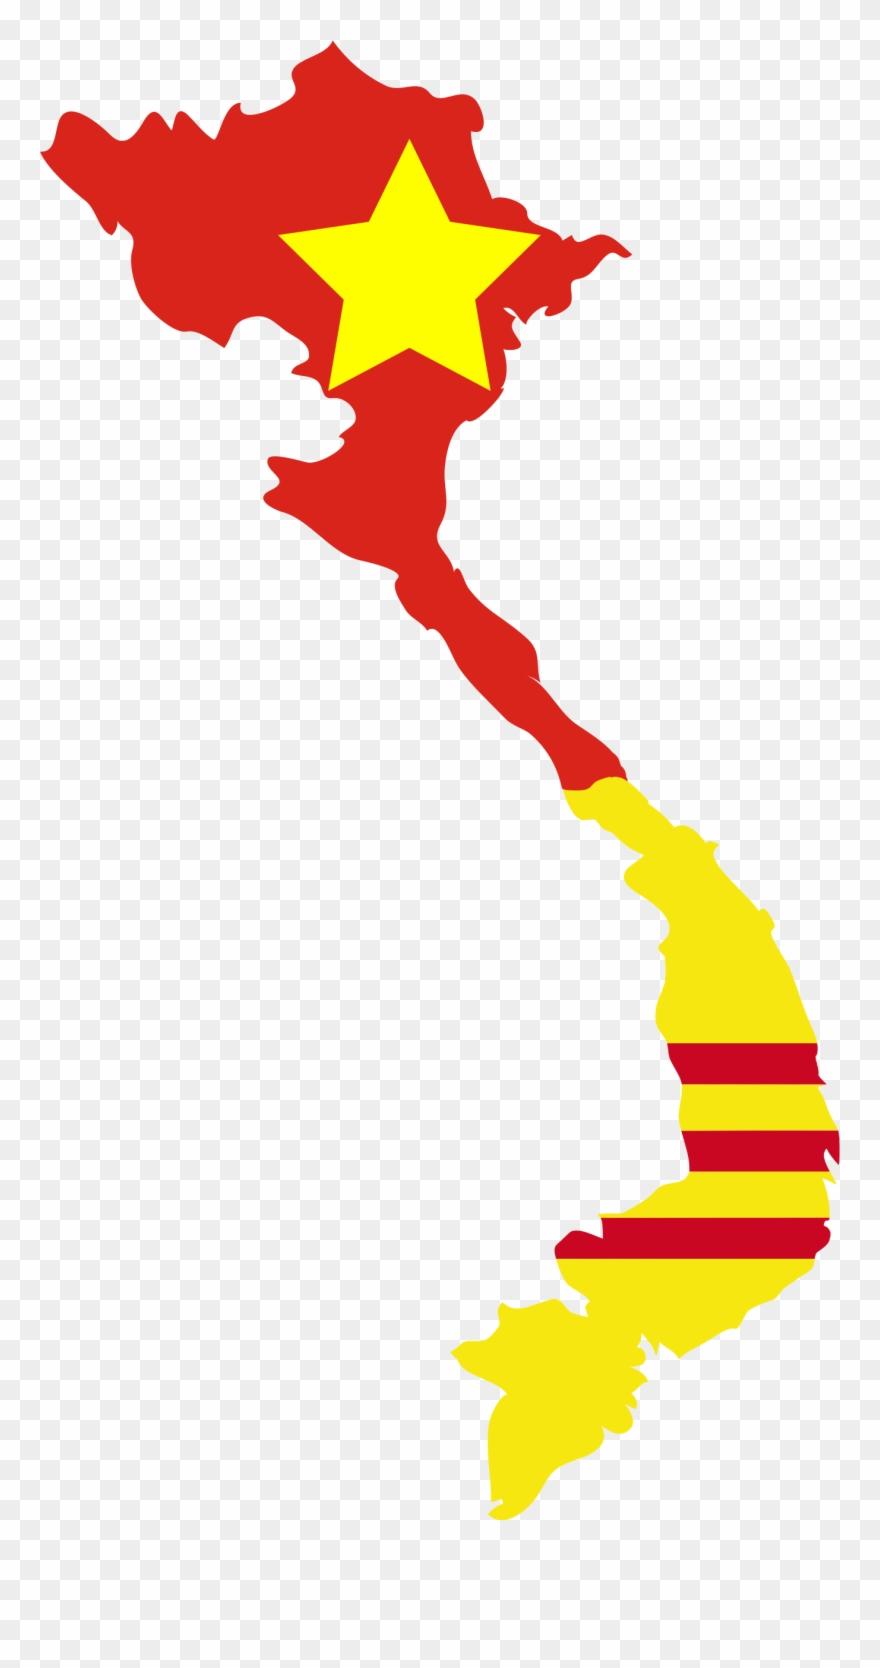 North And South Vietnam Being Communist Capitalist - Vietnam War ...